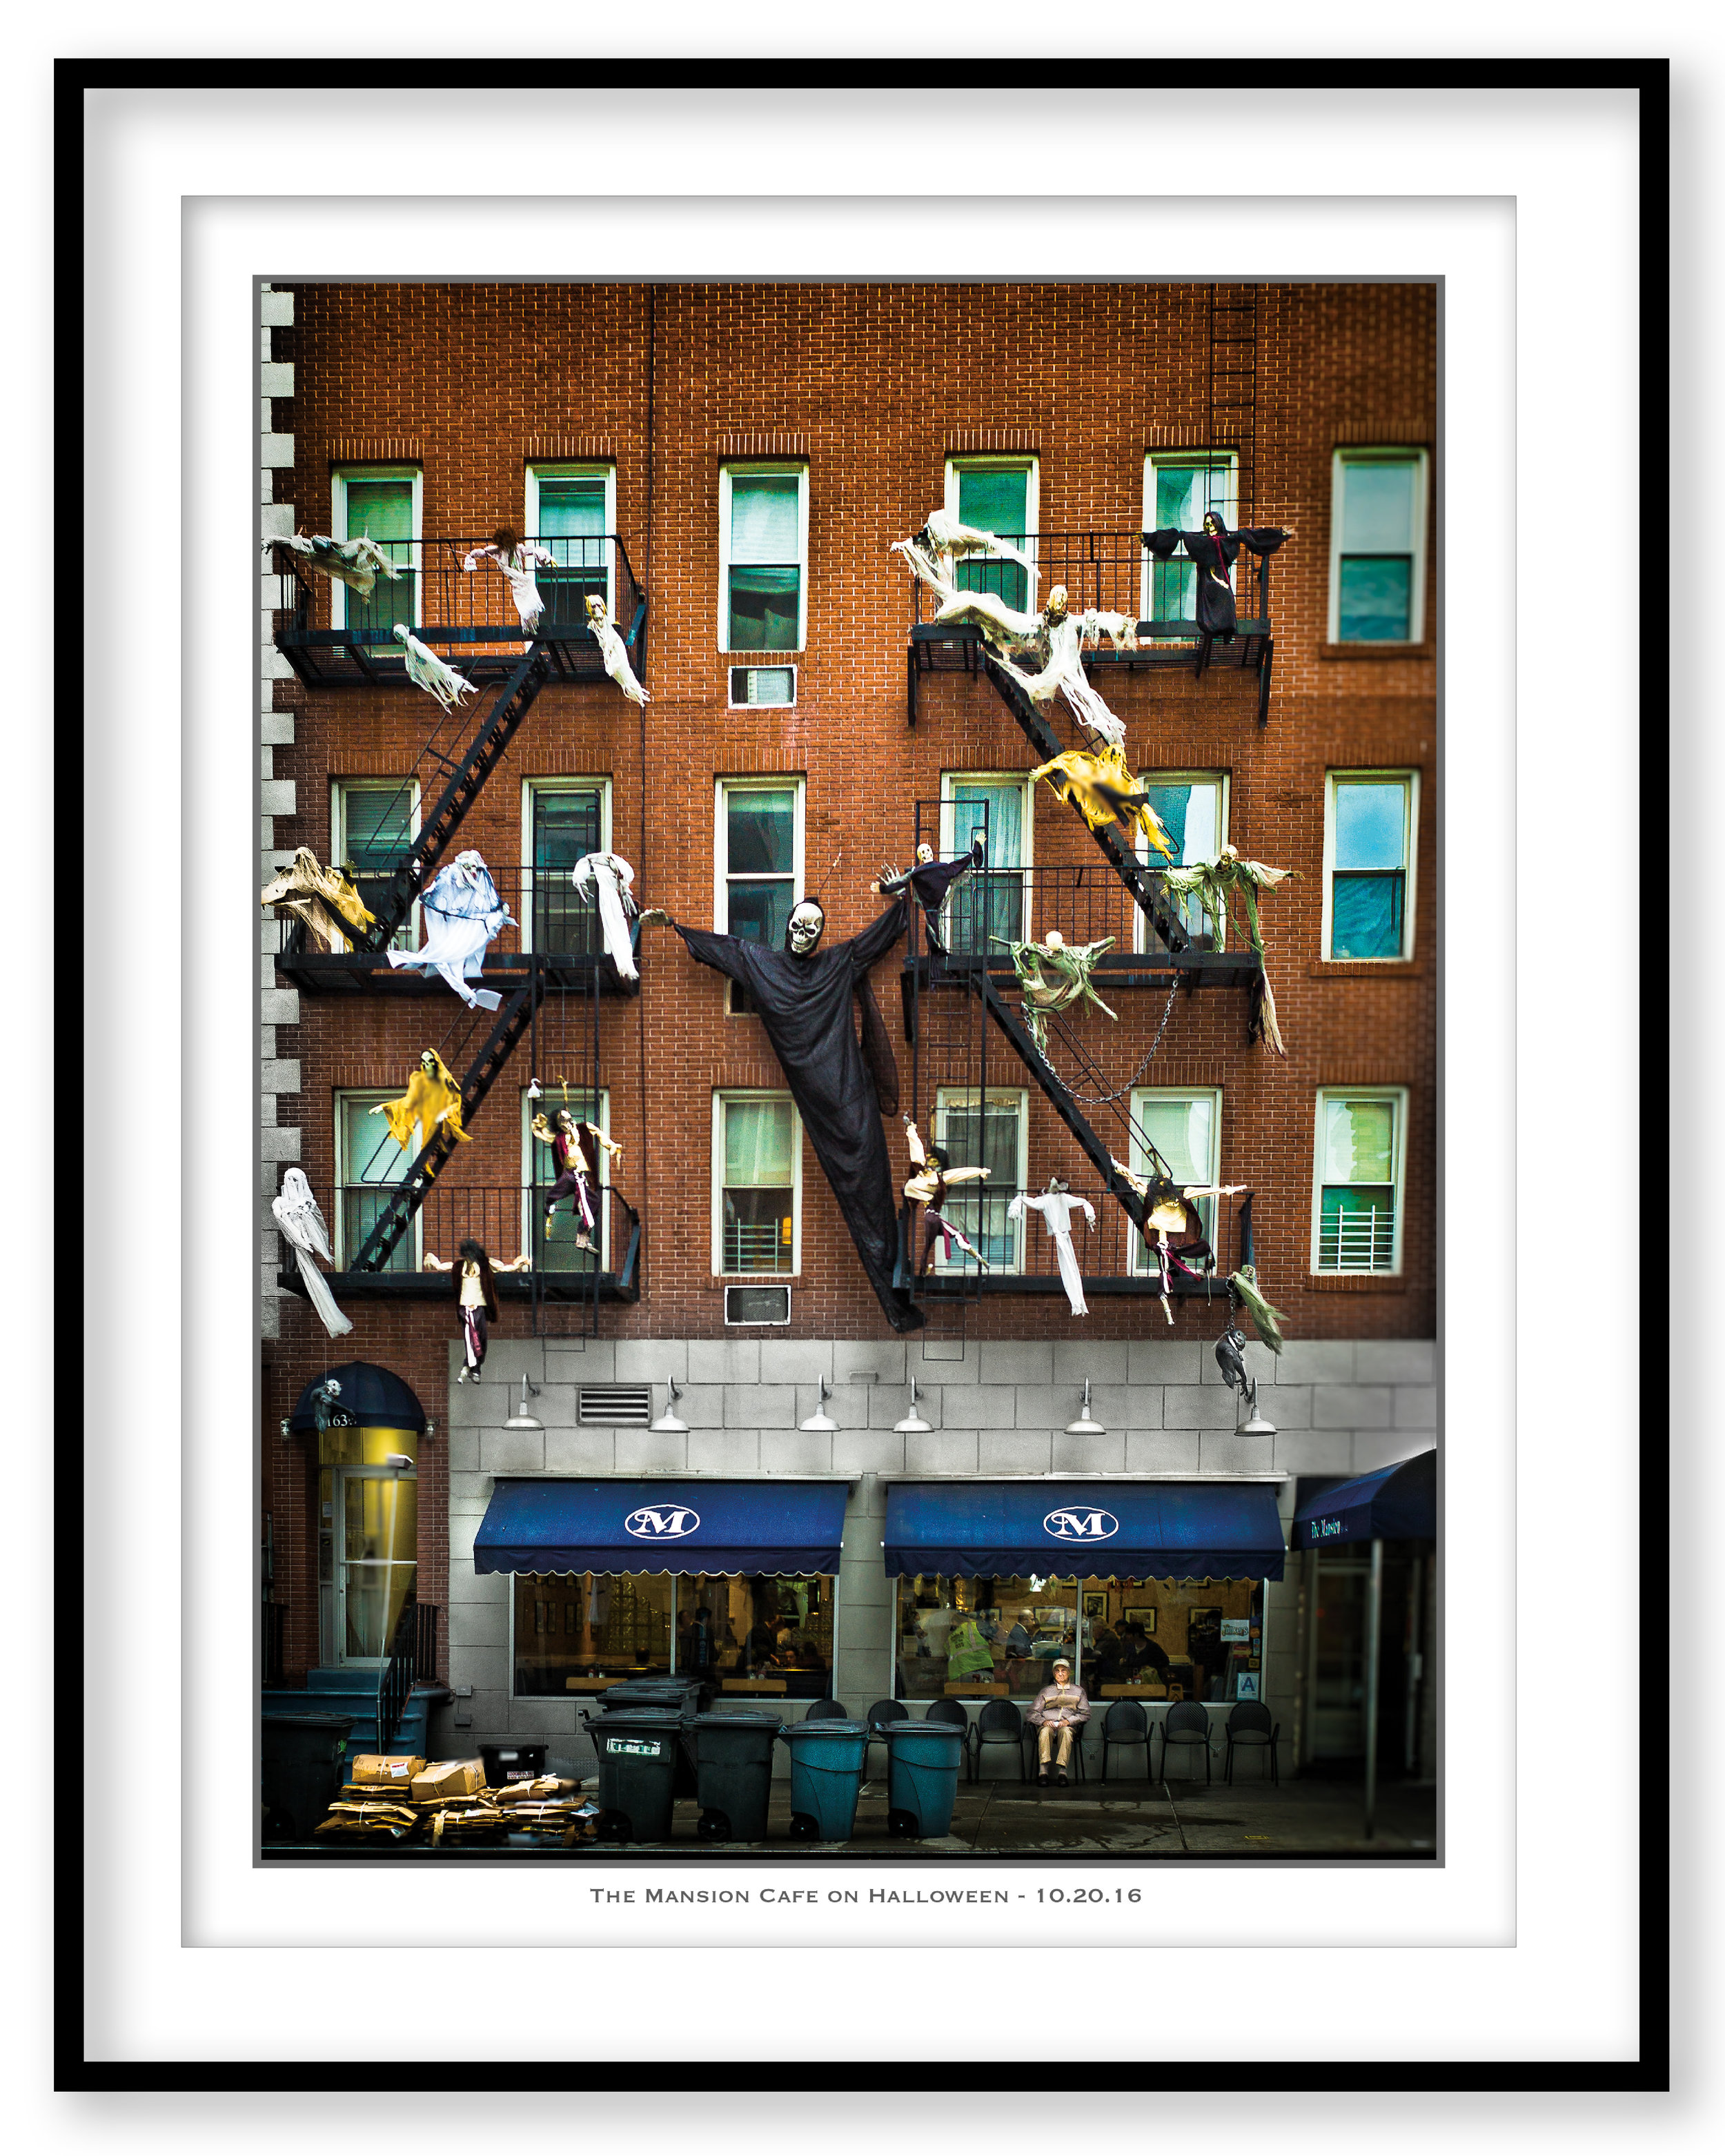 The Mansion Cafe on Halloween - 10.20.16 - Framed.jpg